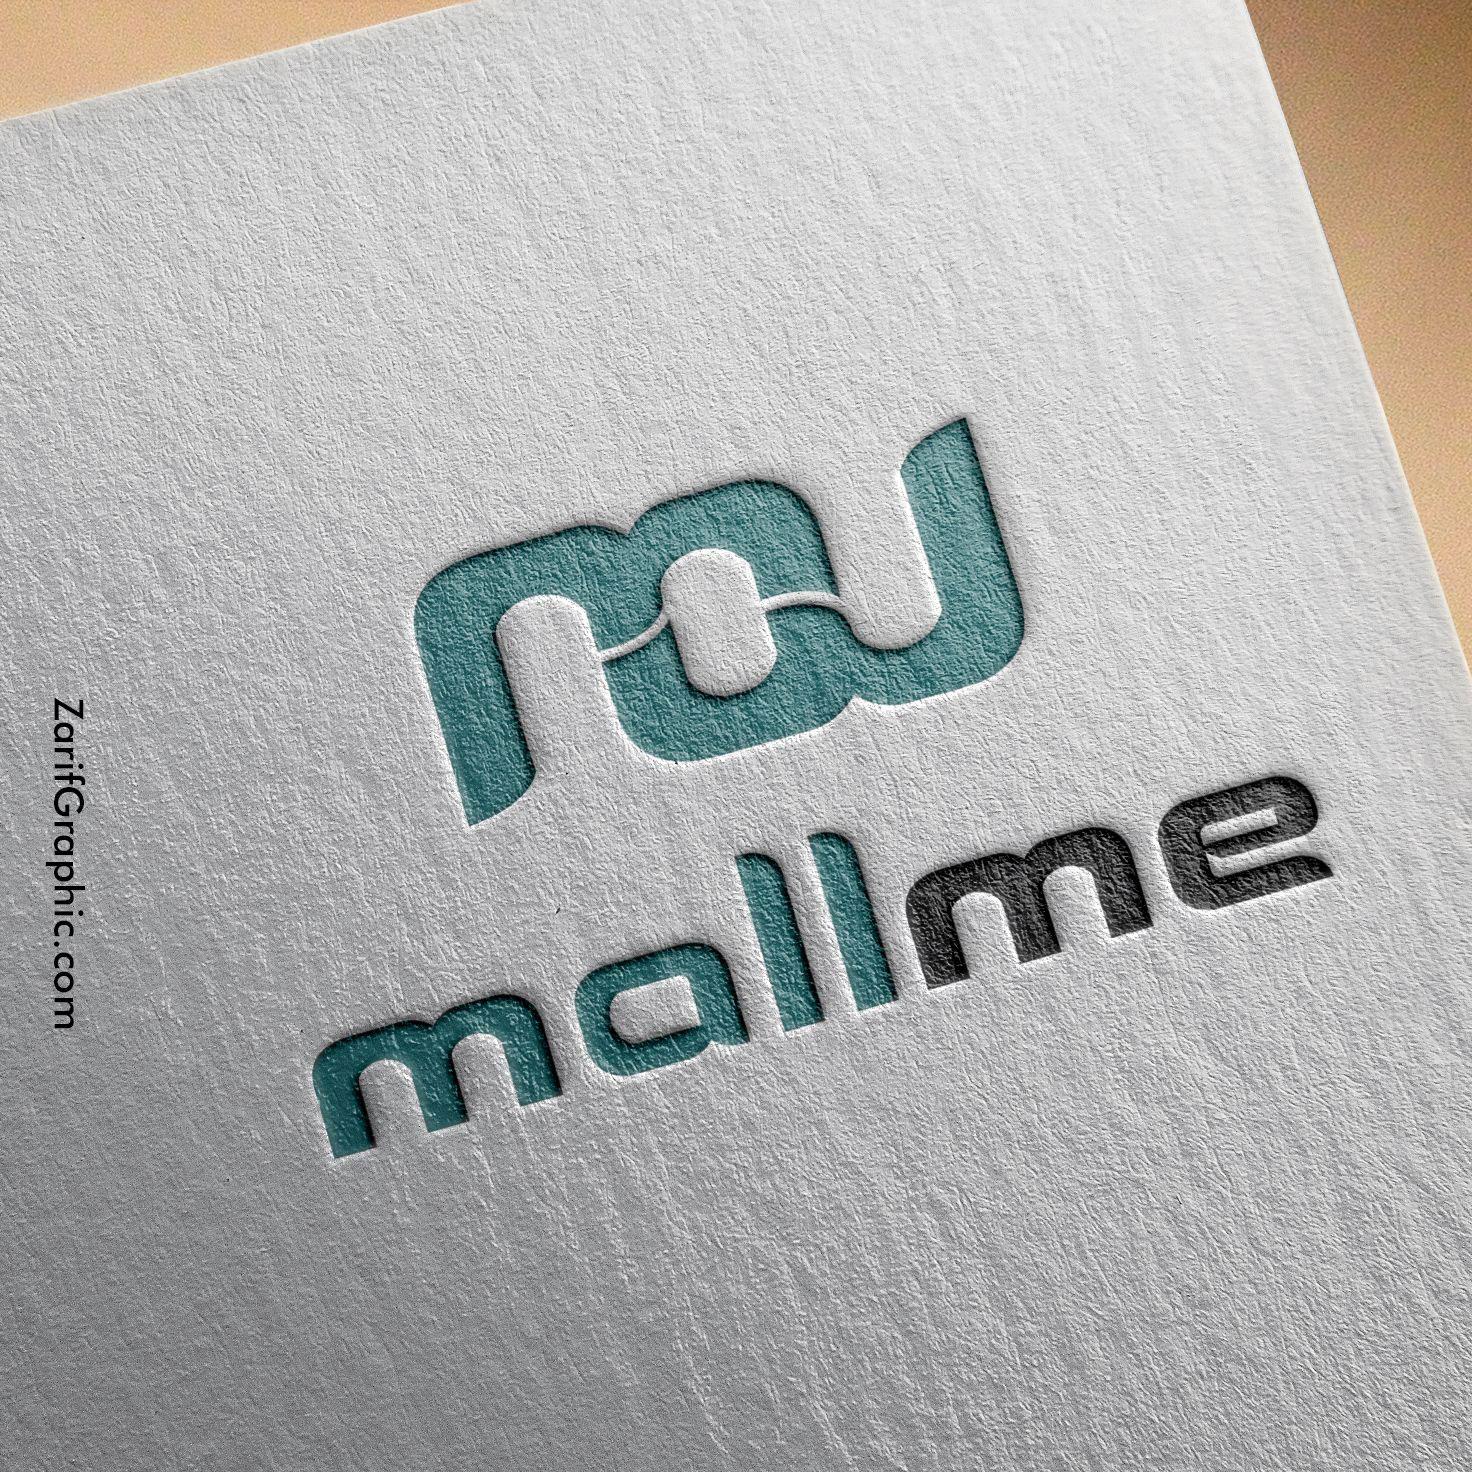 طراحی لوگو شاپینگ